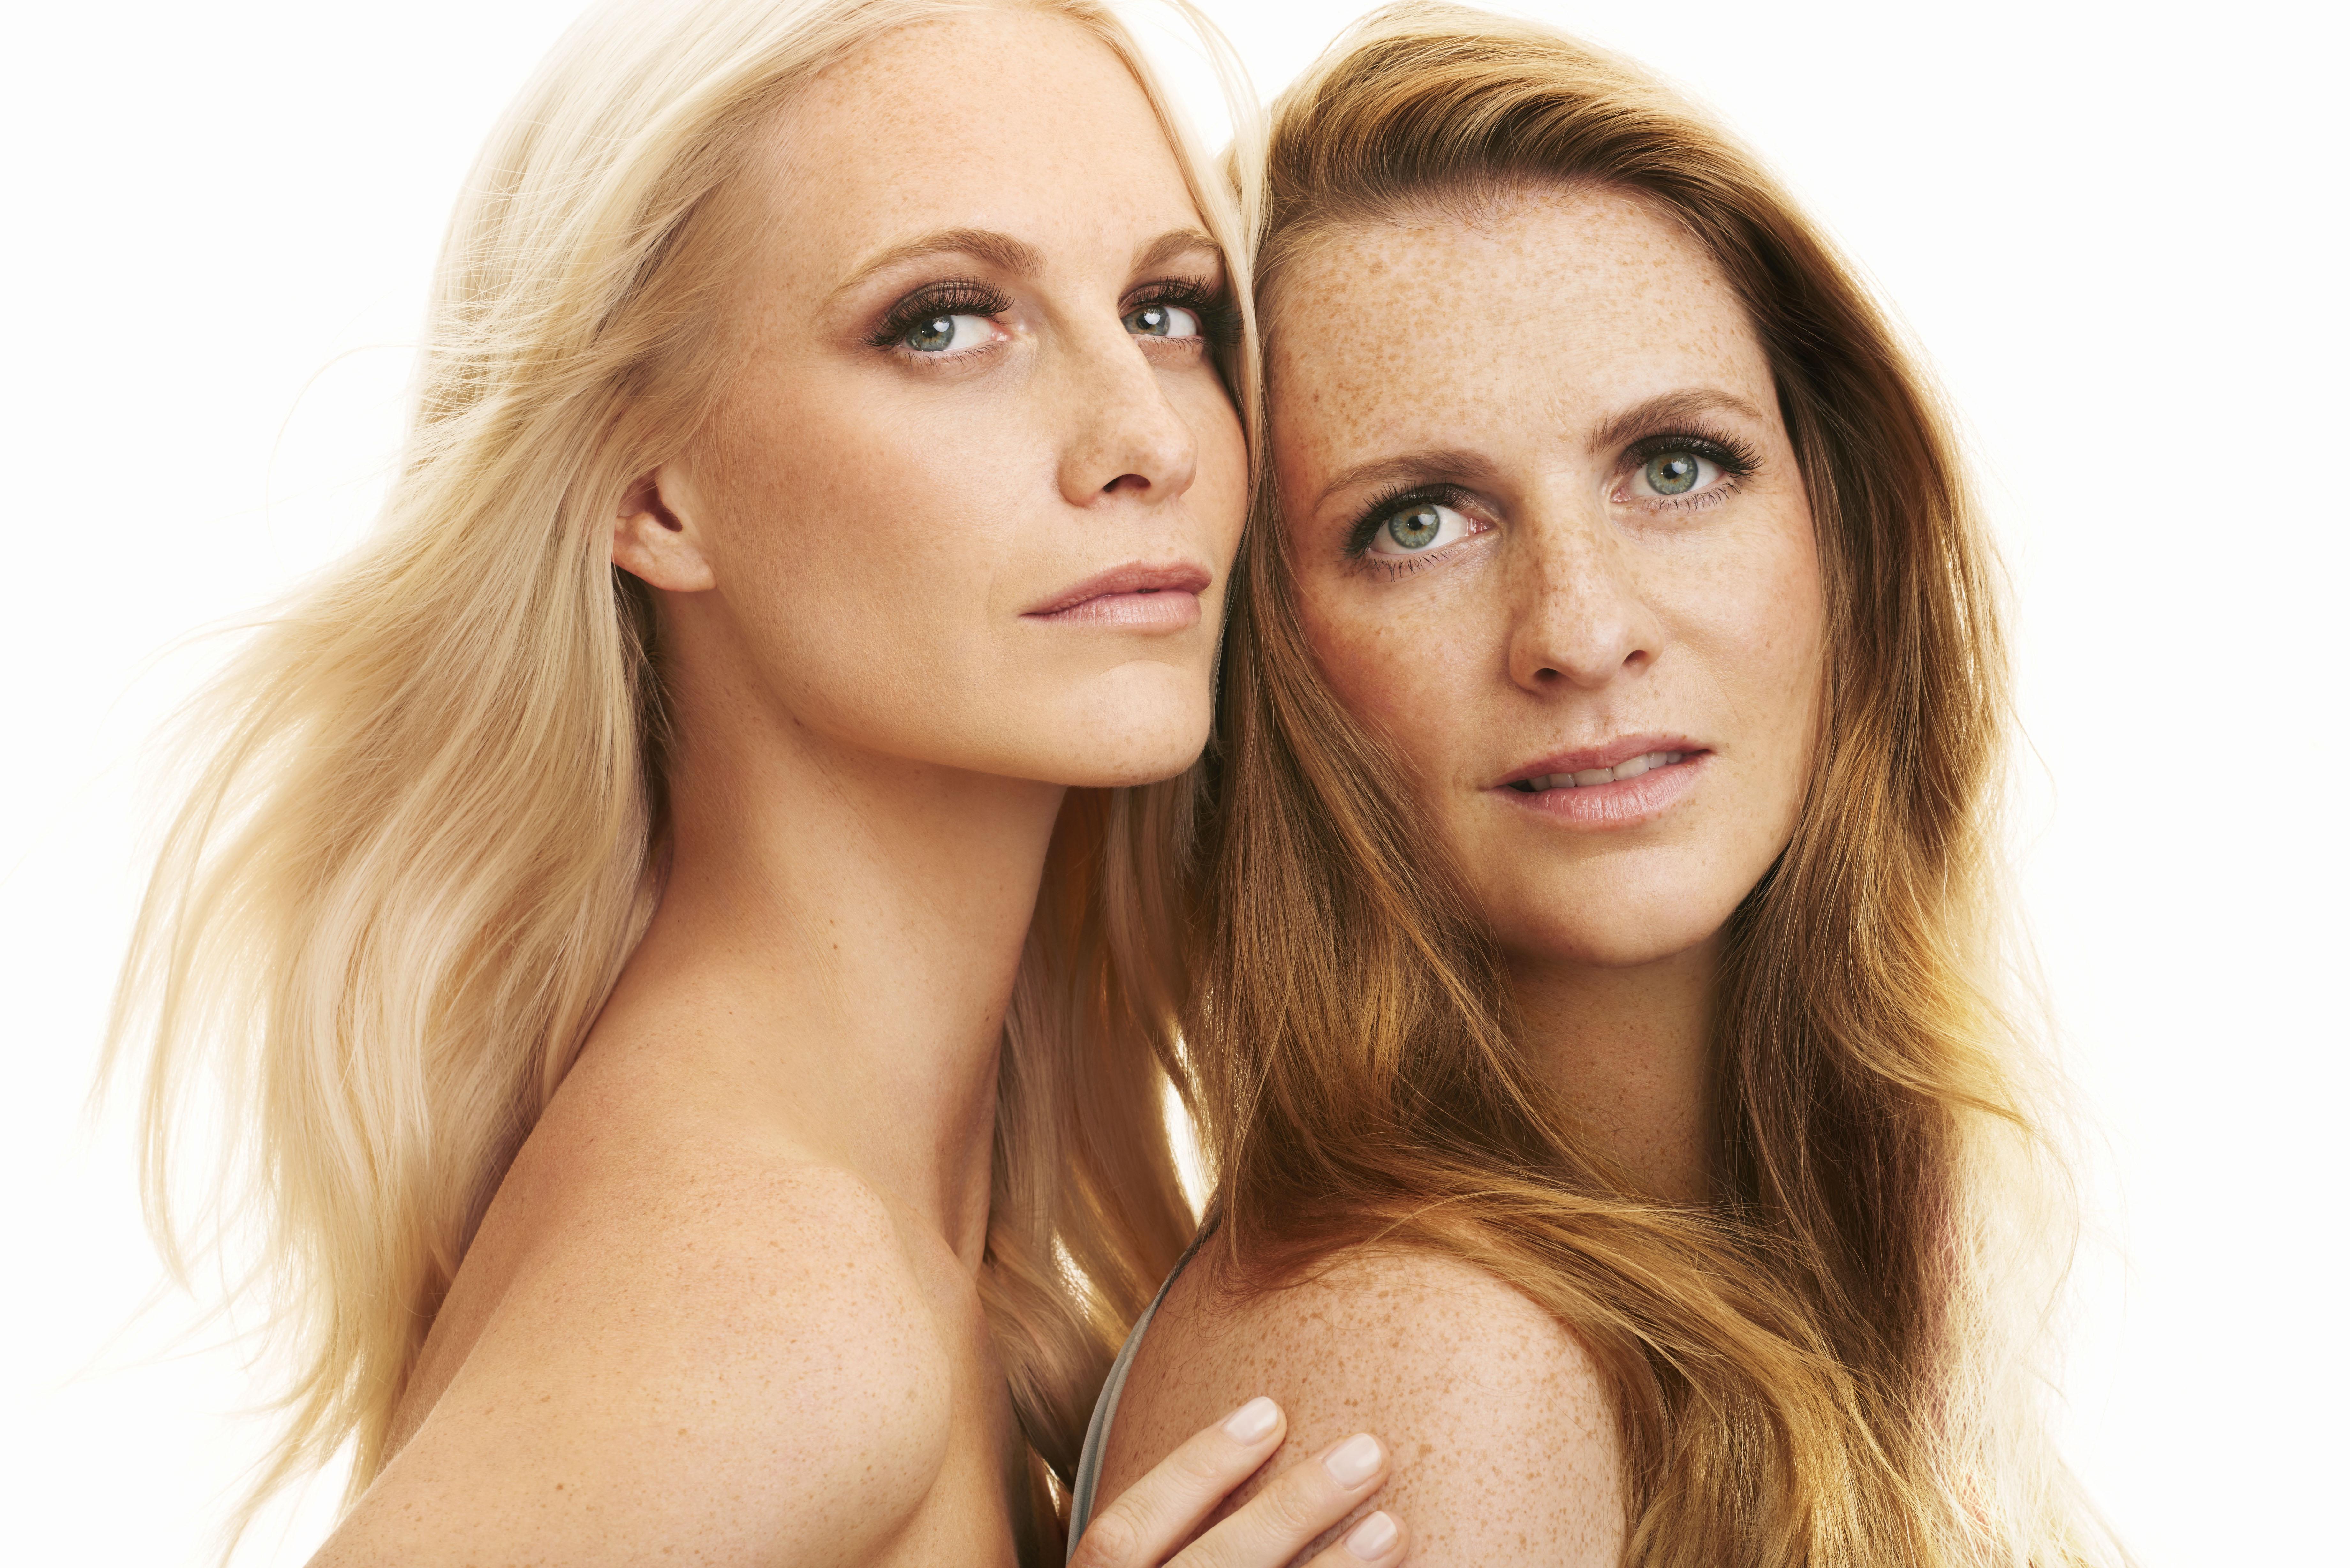 Revolution der personalisierten Haarpflege | Friseur.com